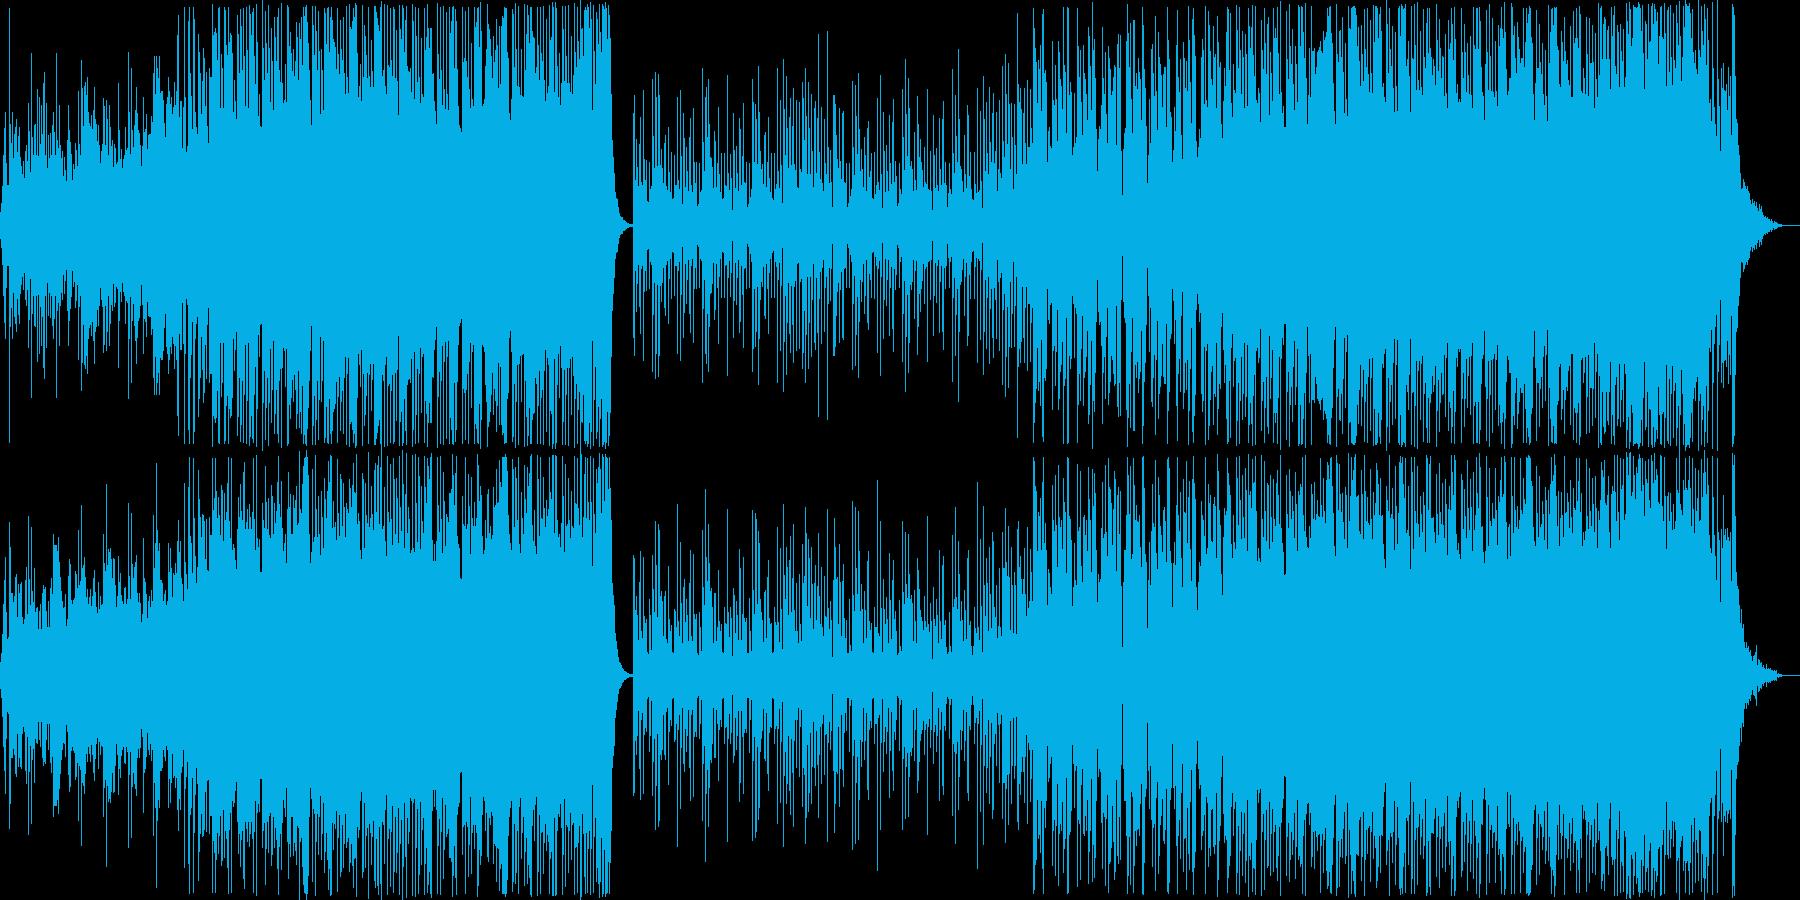 にぎやかでテンポがよい4つ打ち和風曲の再生済みの波形